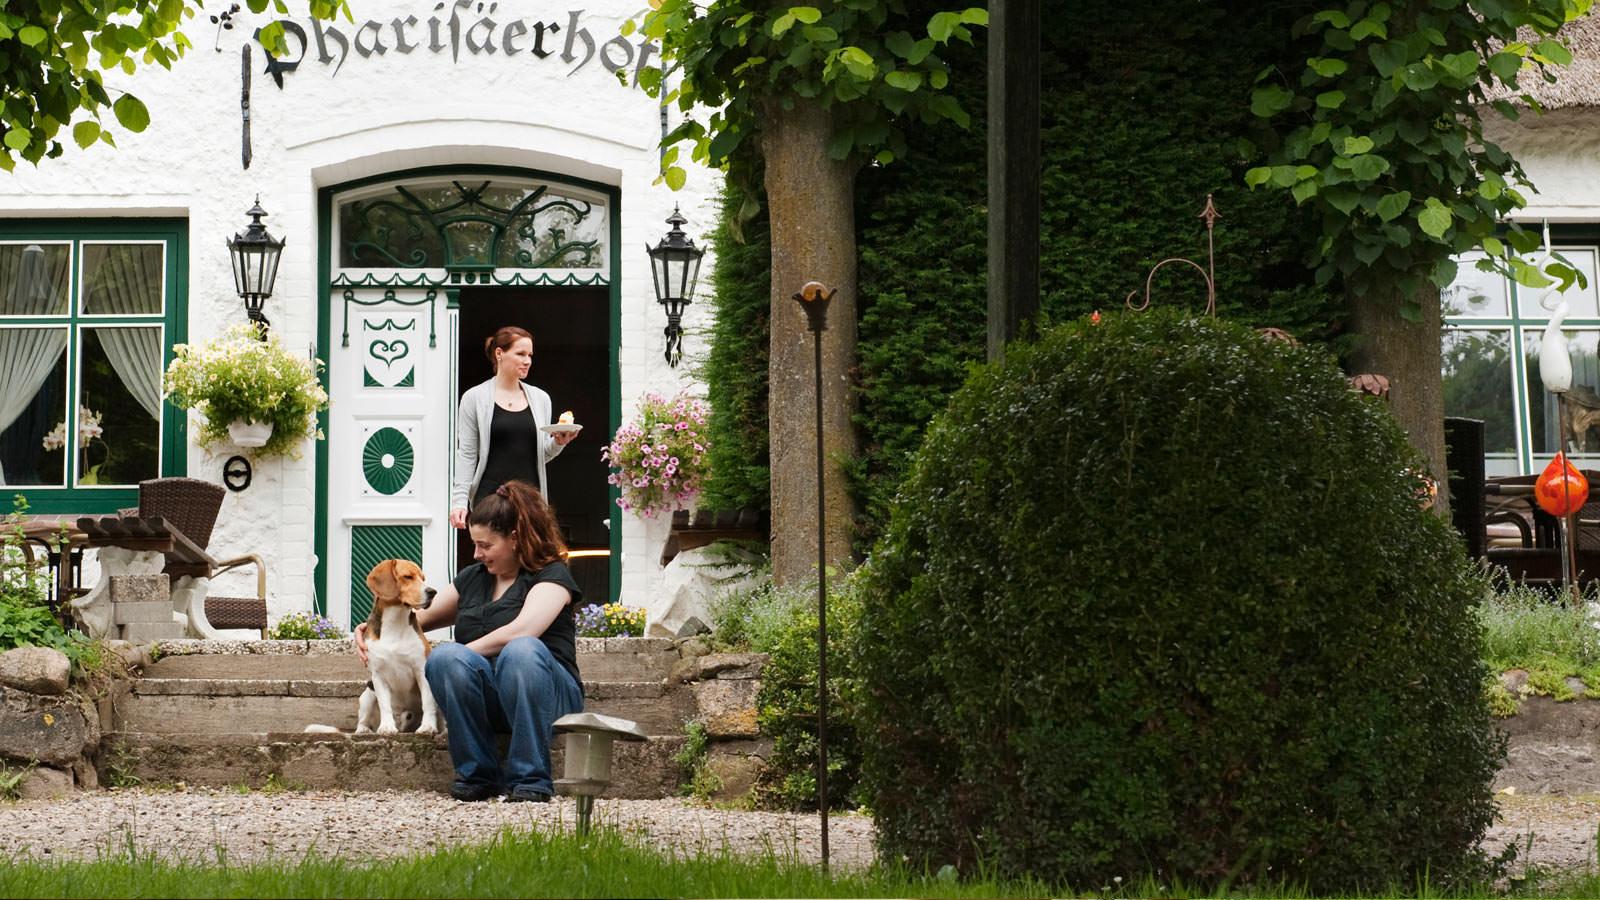 pharisaeerhof-nordstrand-service